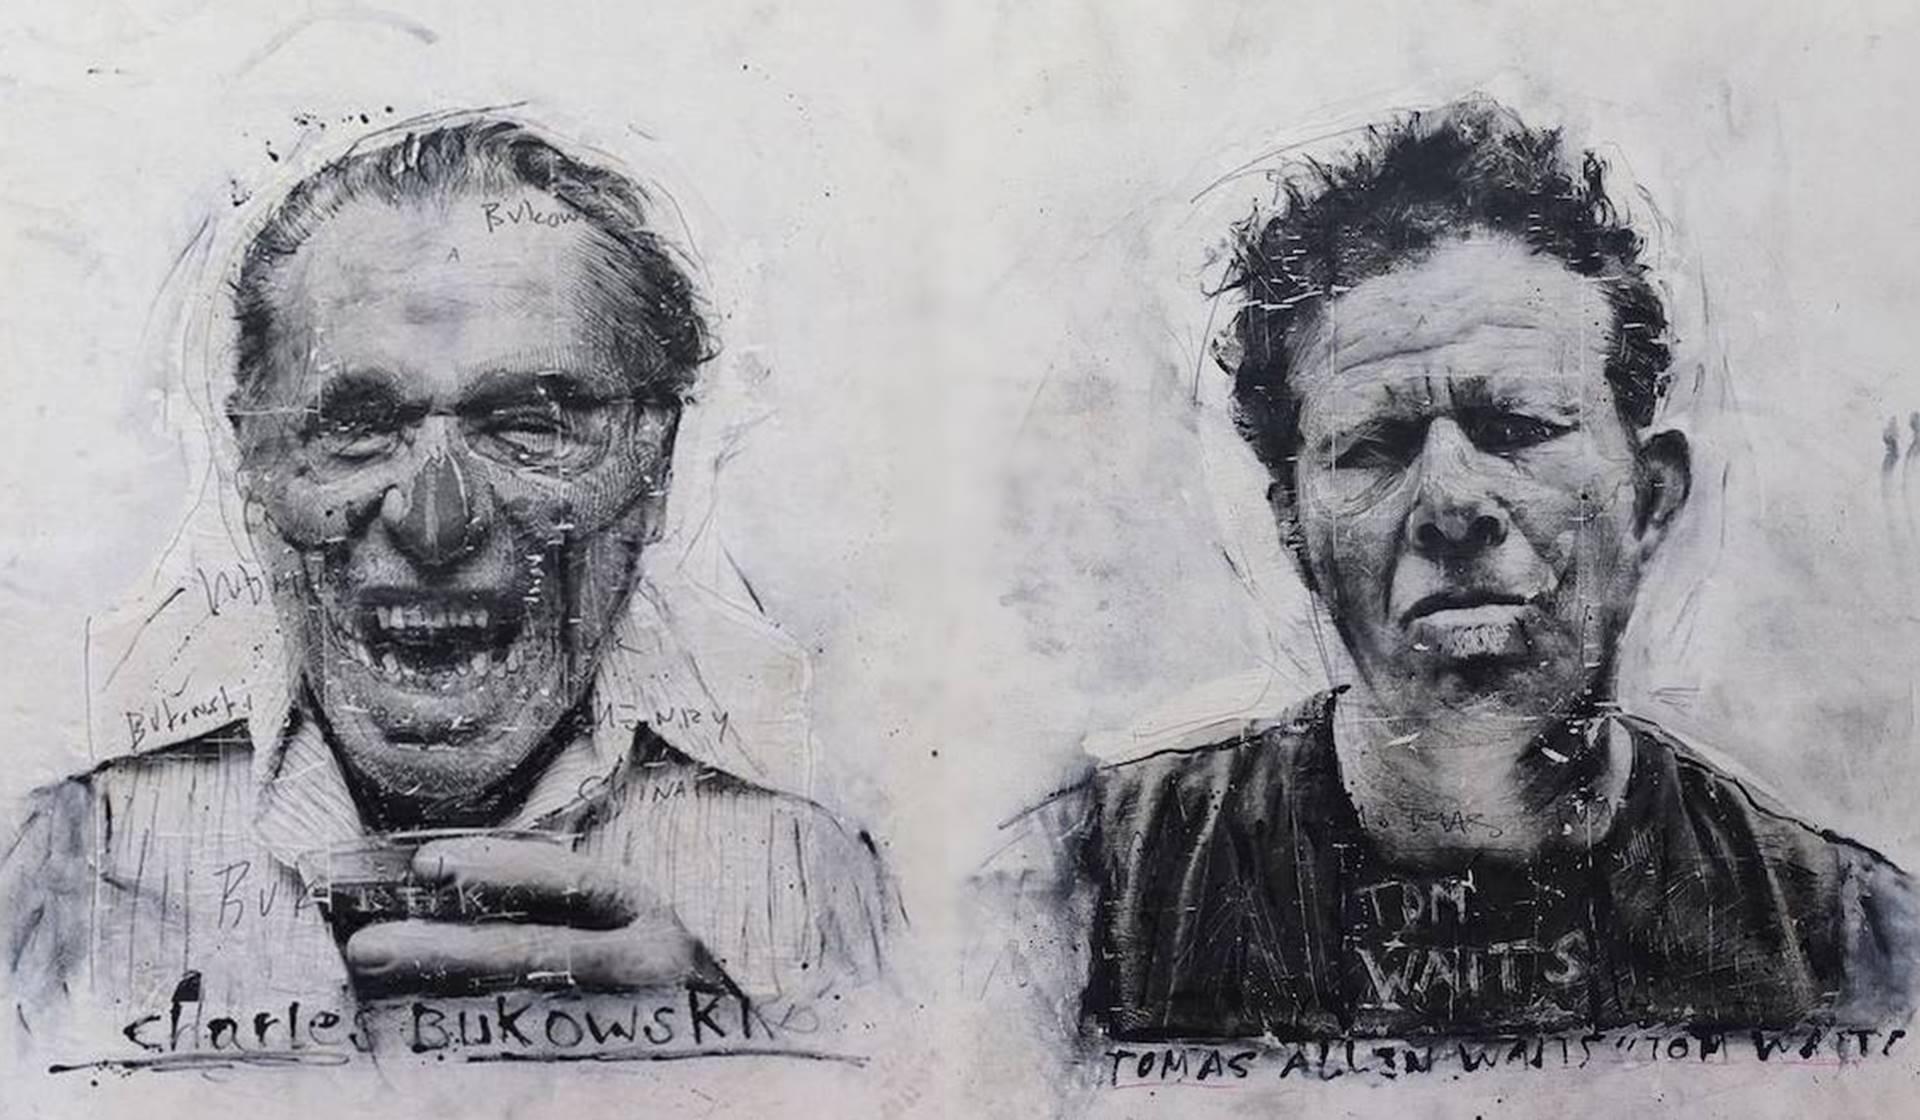 Poemas. Ilustraciones de Charles Bukowski y Tom Waits de Nick Twaalfhoven